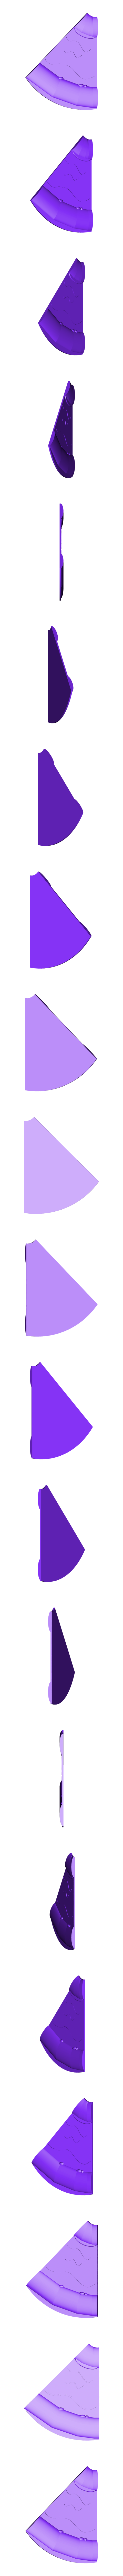 bend_2.stl Télécharger fichier STL gratuit Eau modulaire • Objet pour imprimante 3D, Earsling